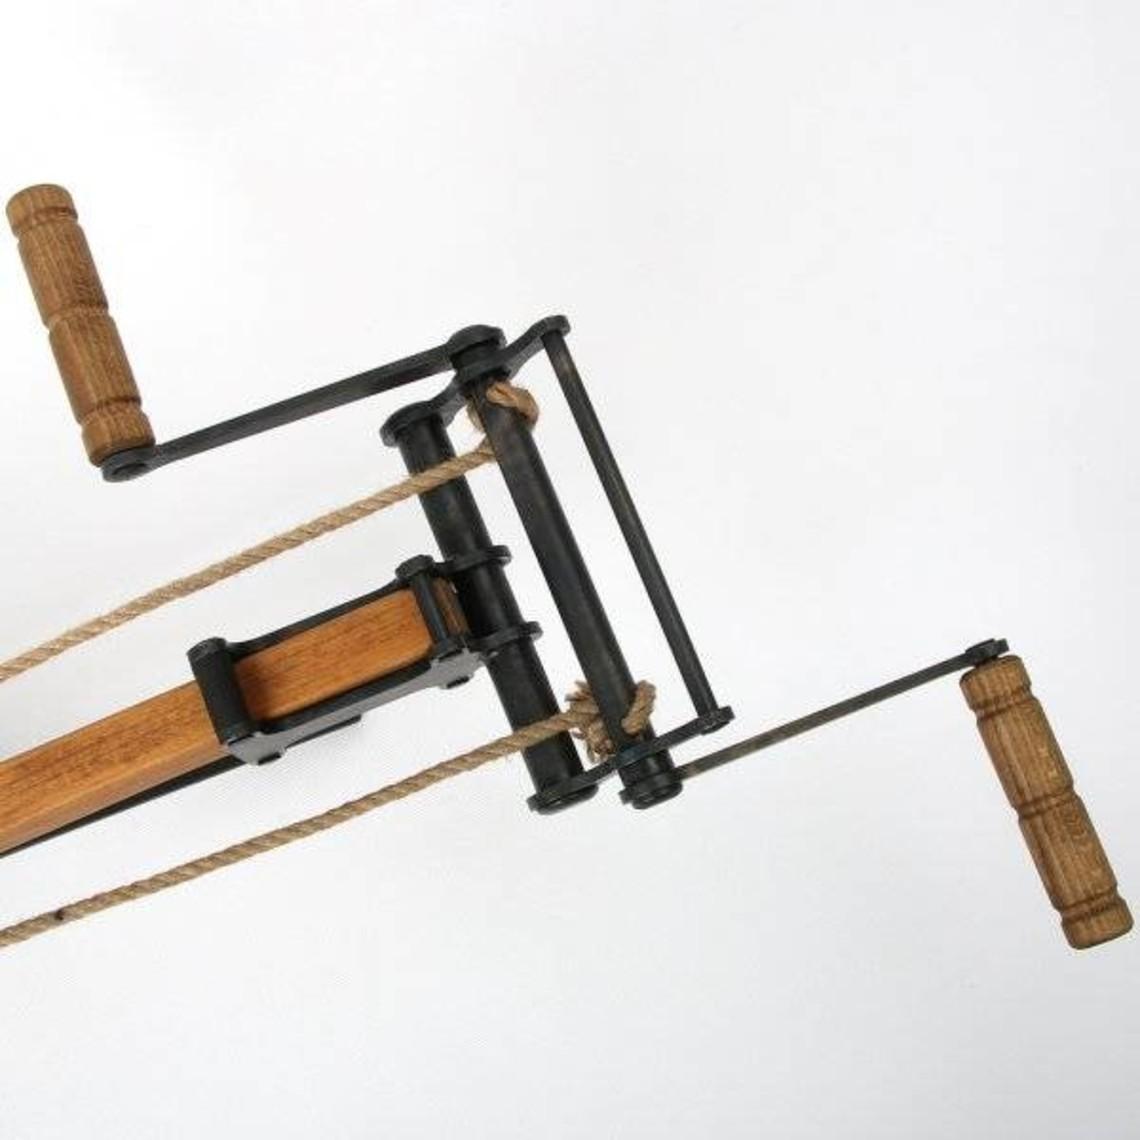 Molinete para ballesta tradicional